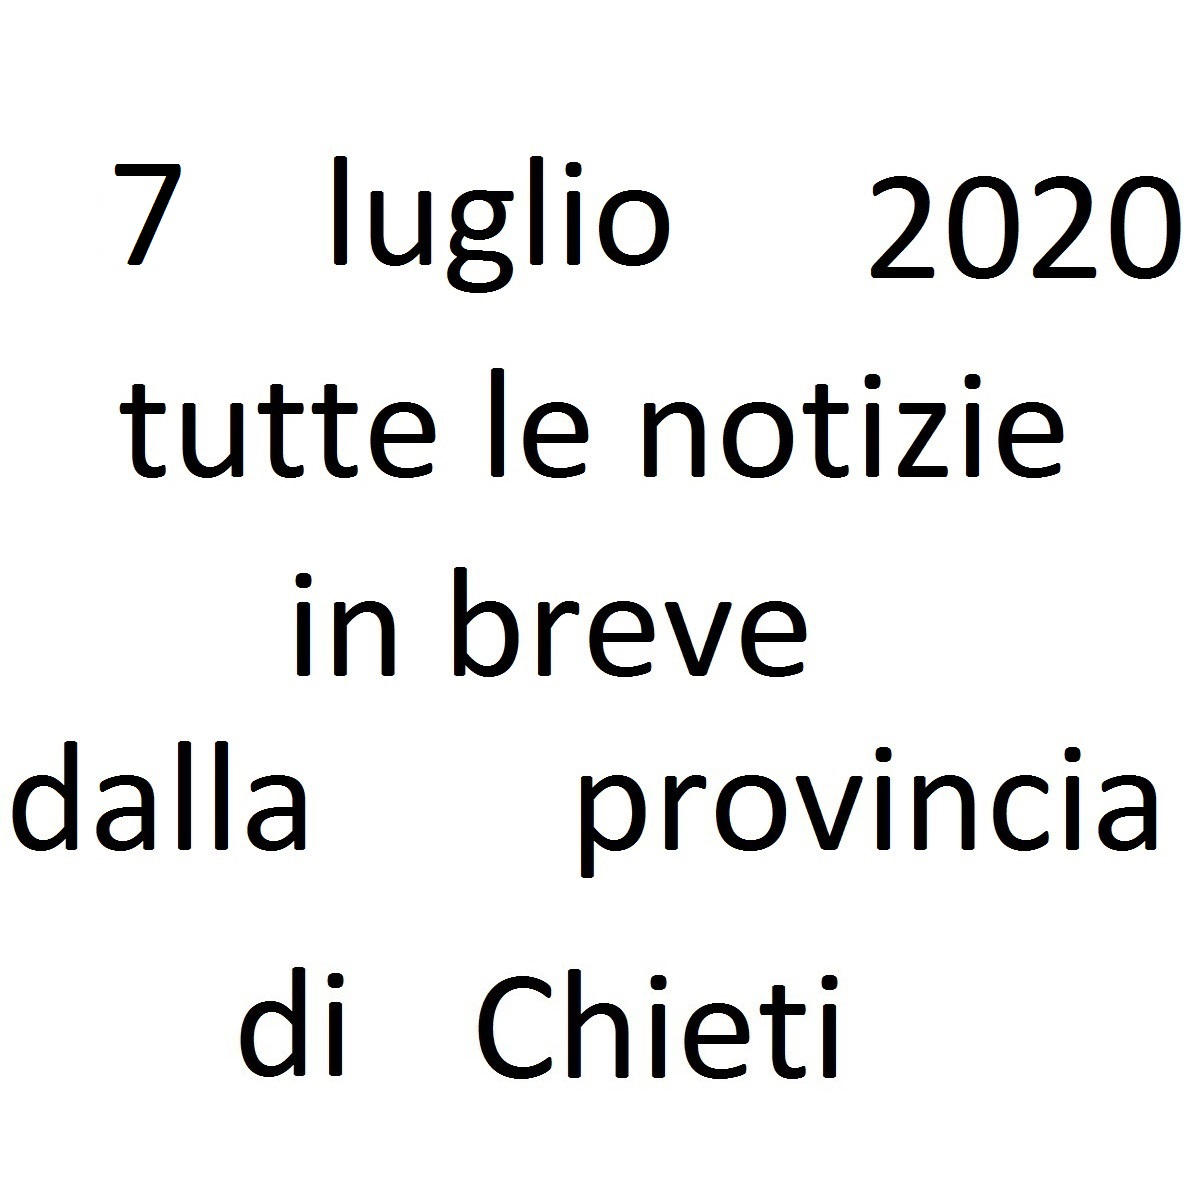 7 luglio 2020 notizie in breve dalla Provincia di Chieti foto